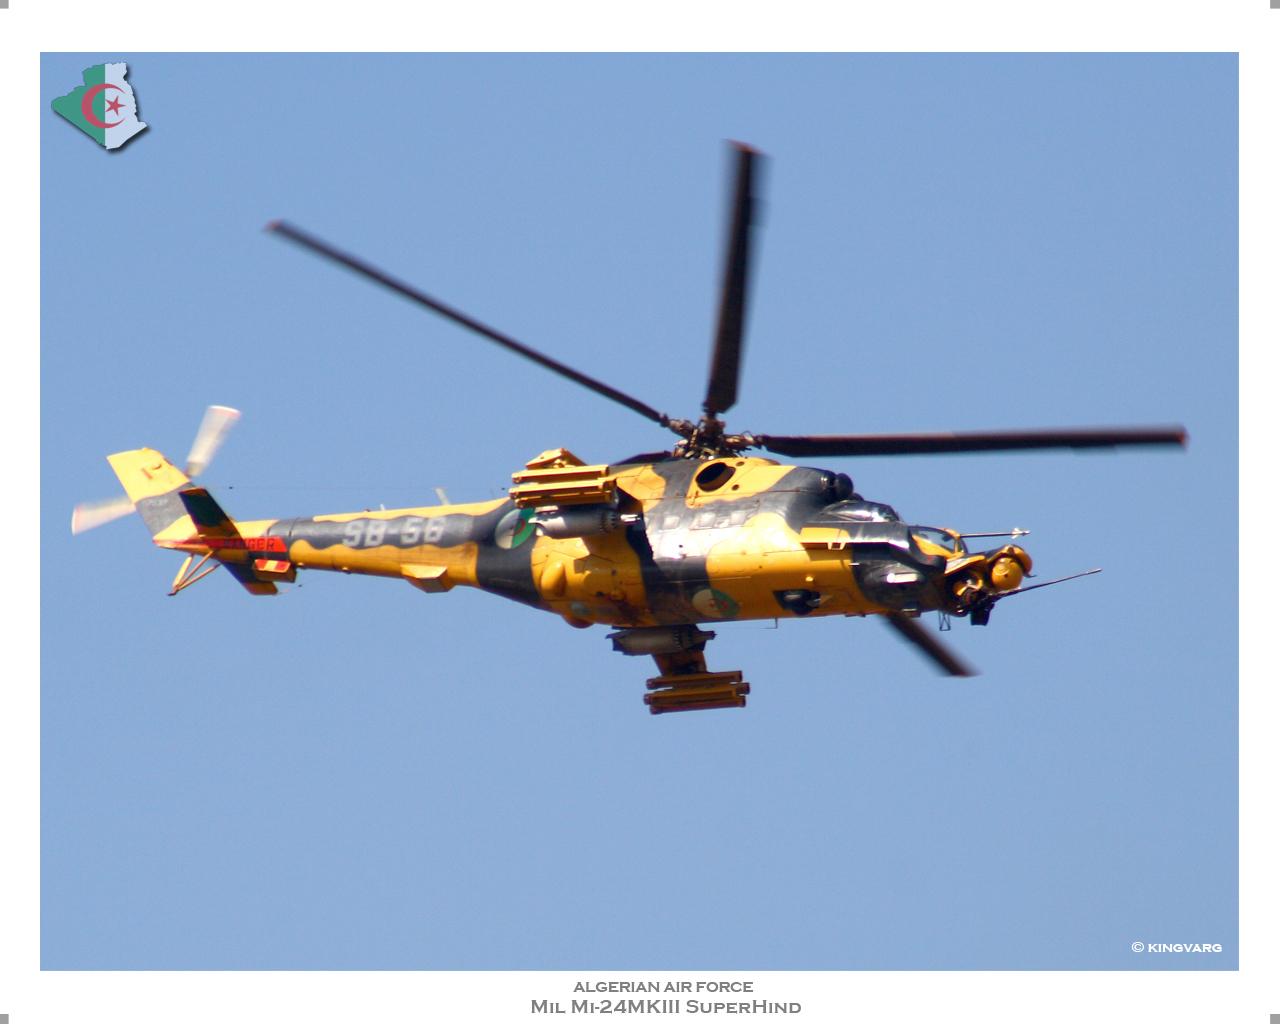 Mi-24 MKIII Superhind - Page 3 Hind2